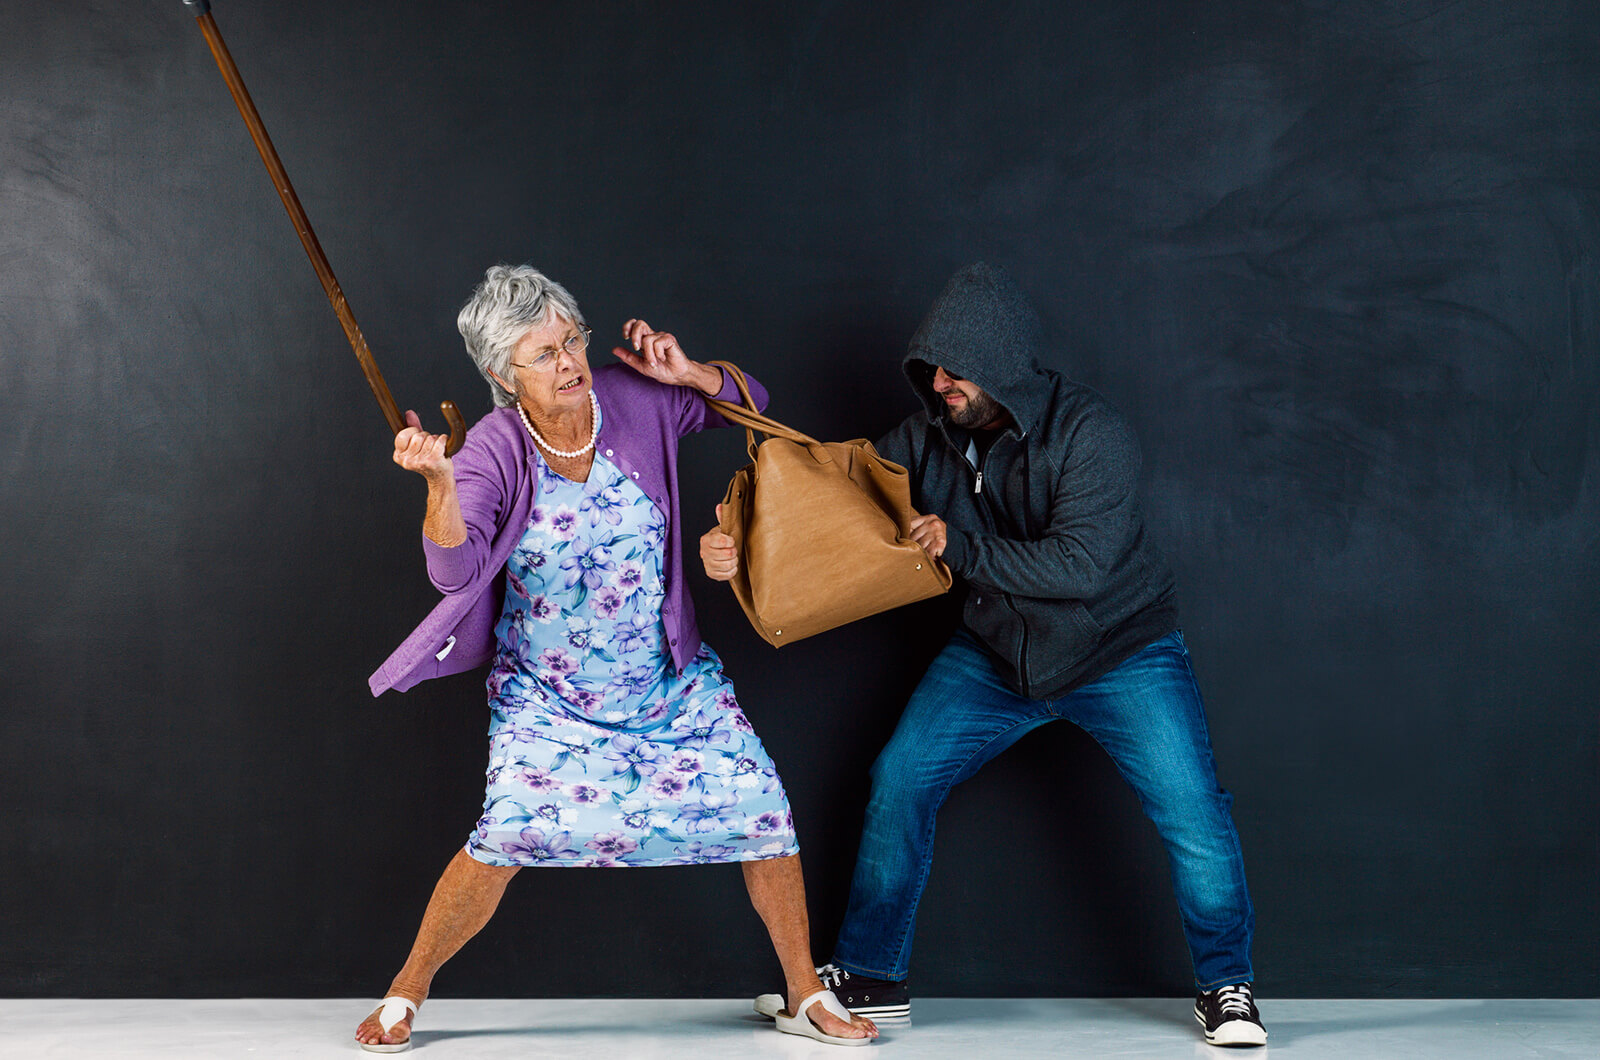 defensa-personal-personas-mayores.jpg